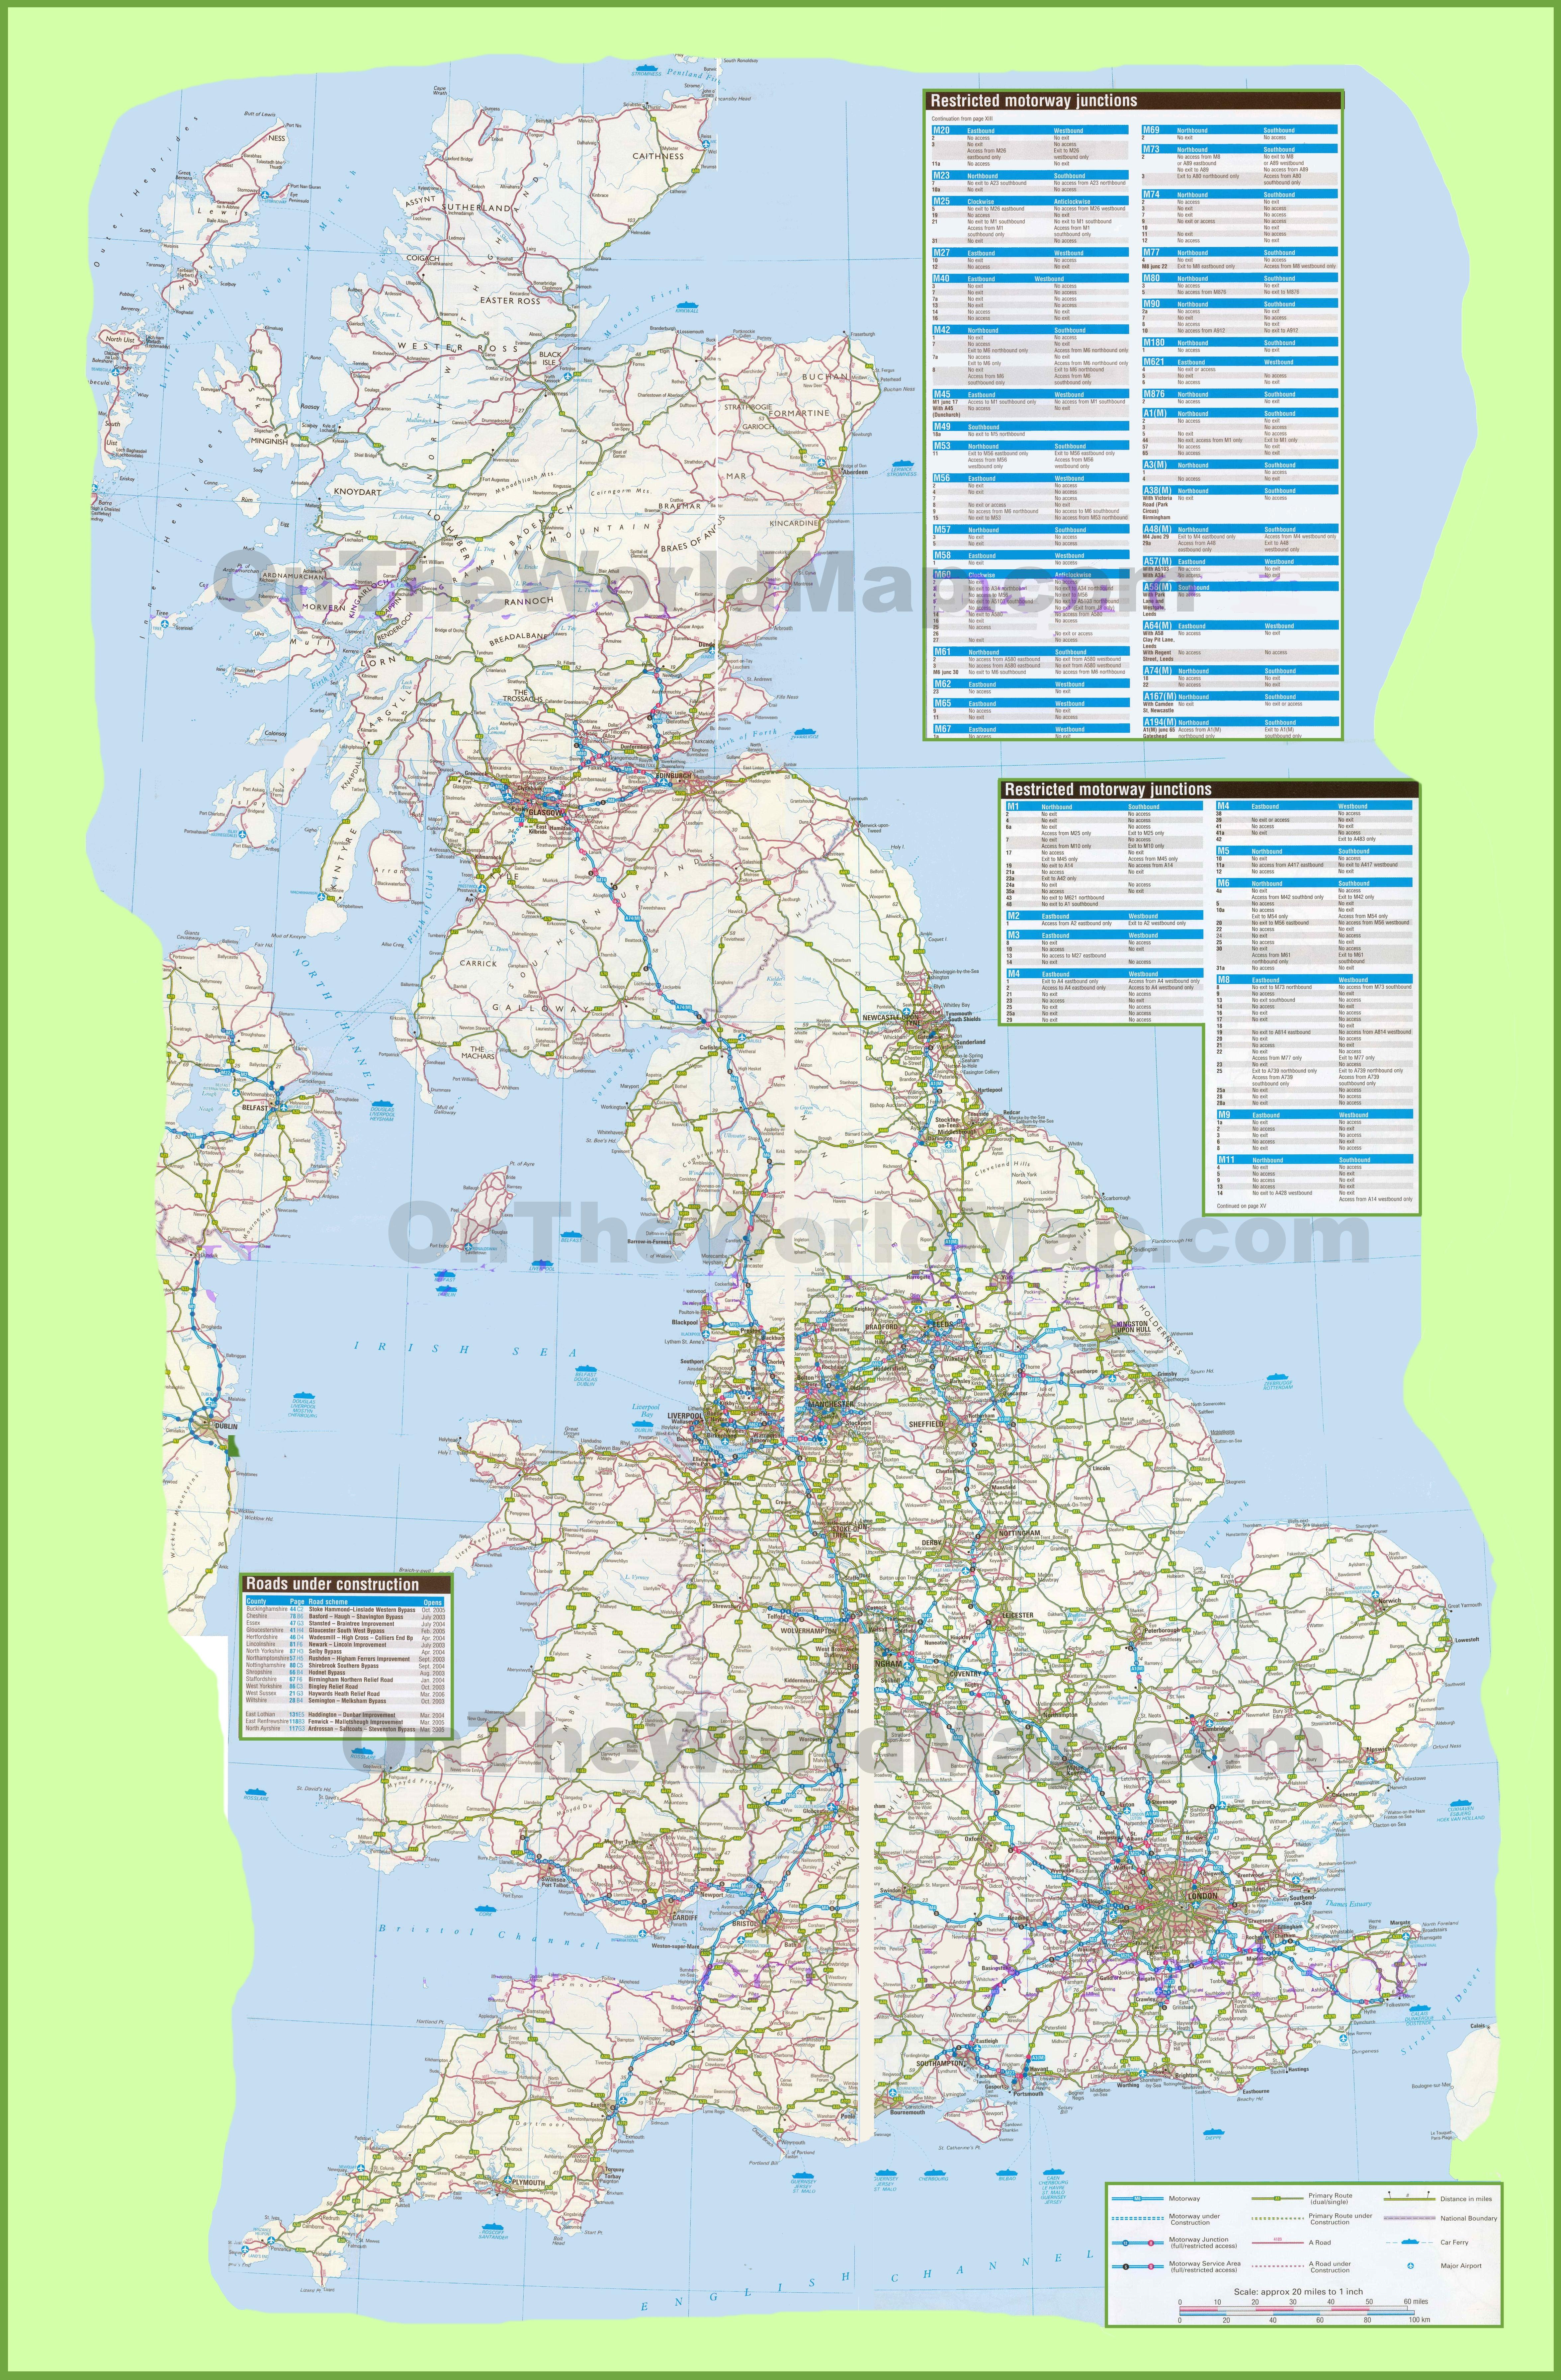 Uk Maps | Maps Of United Kingdom - Free Printable Map Of Uk And Ireland